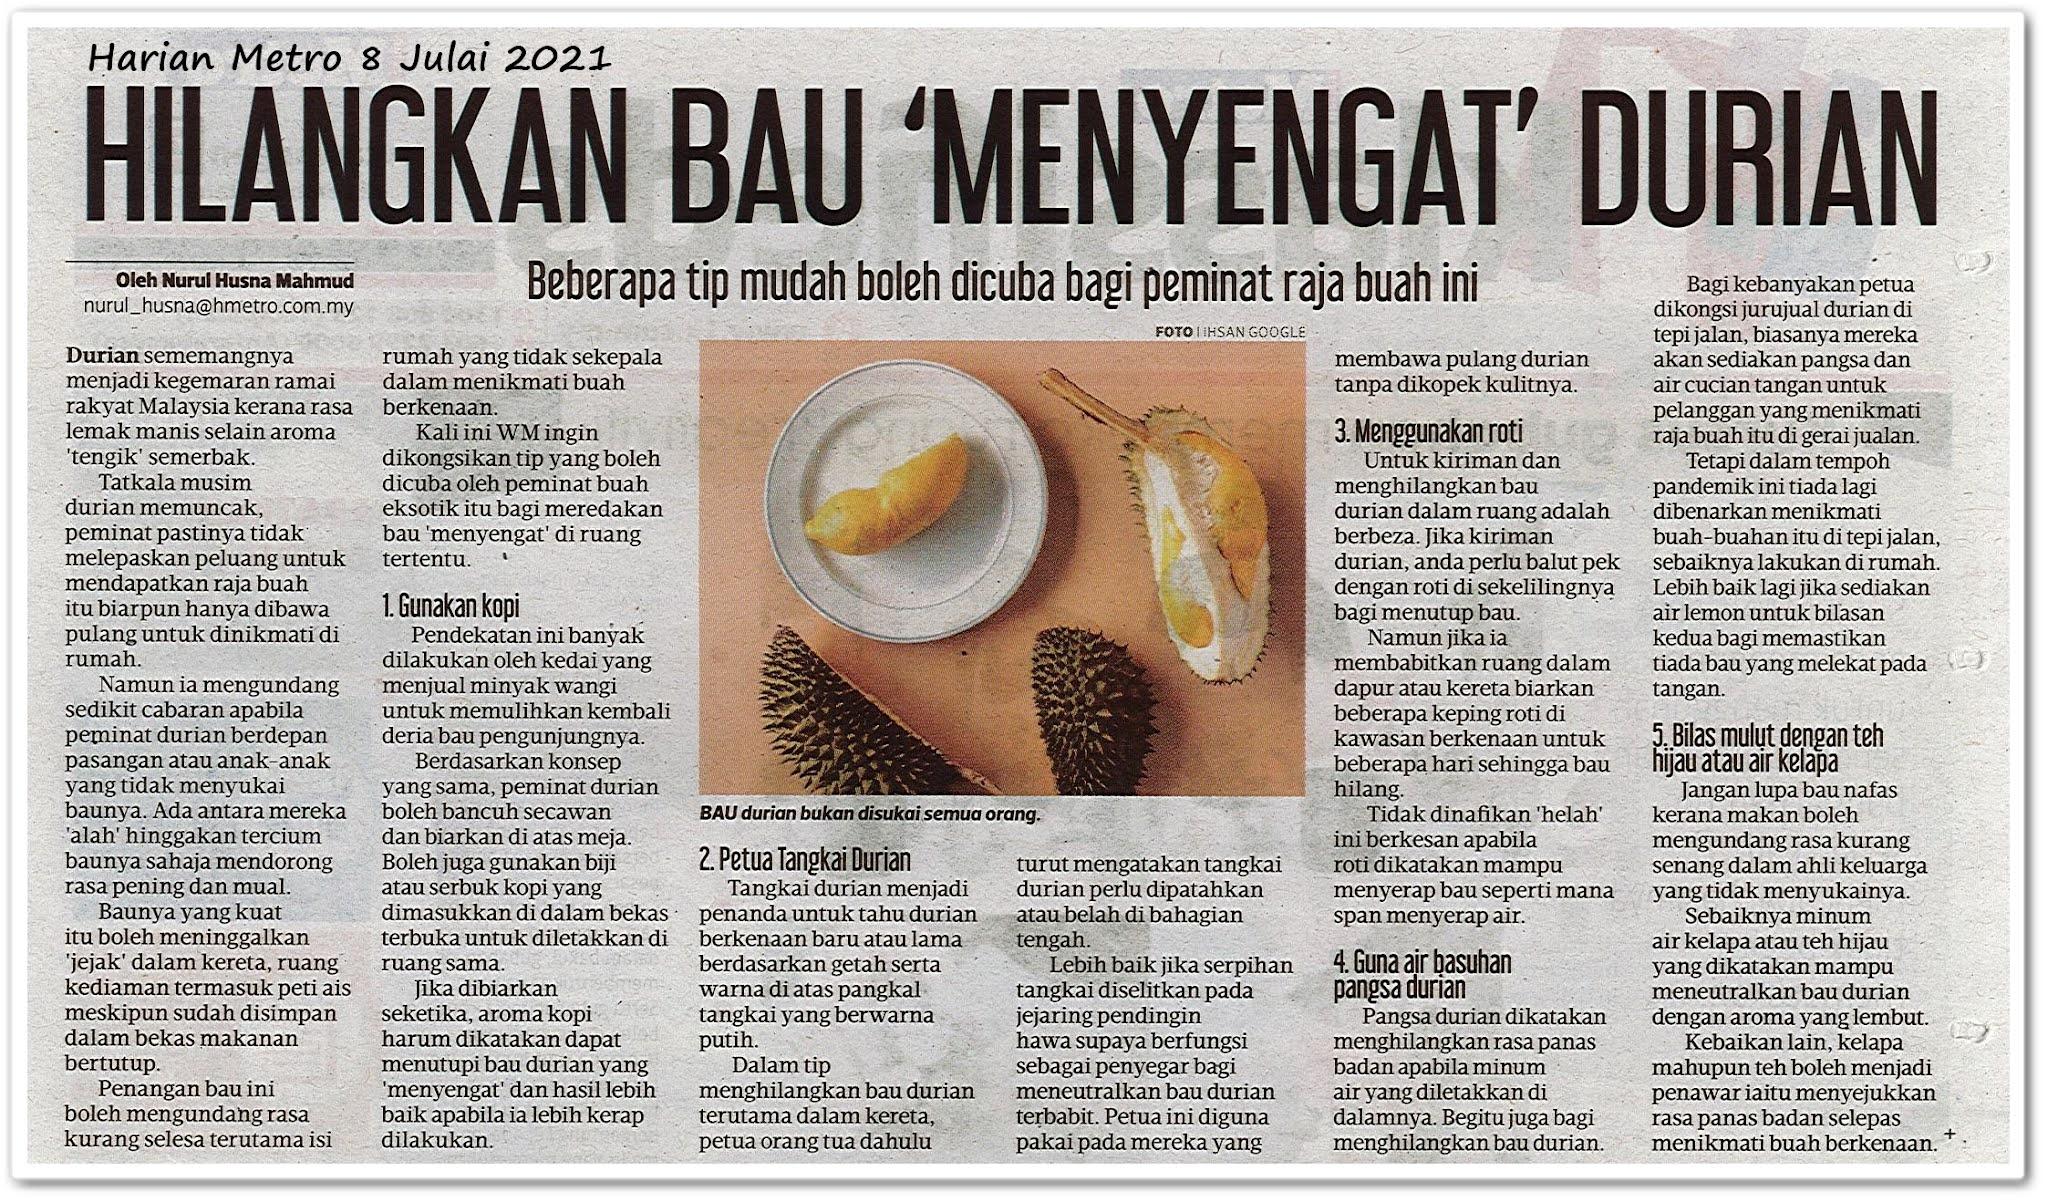 Hilangkan bau 'menyengat' durian